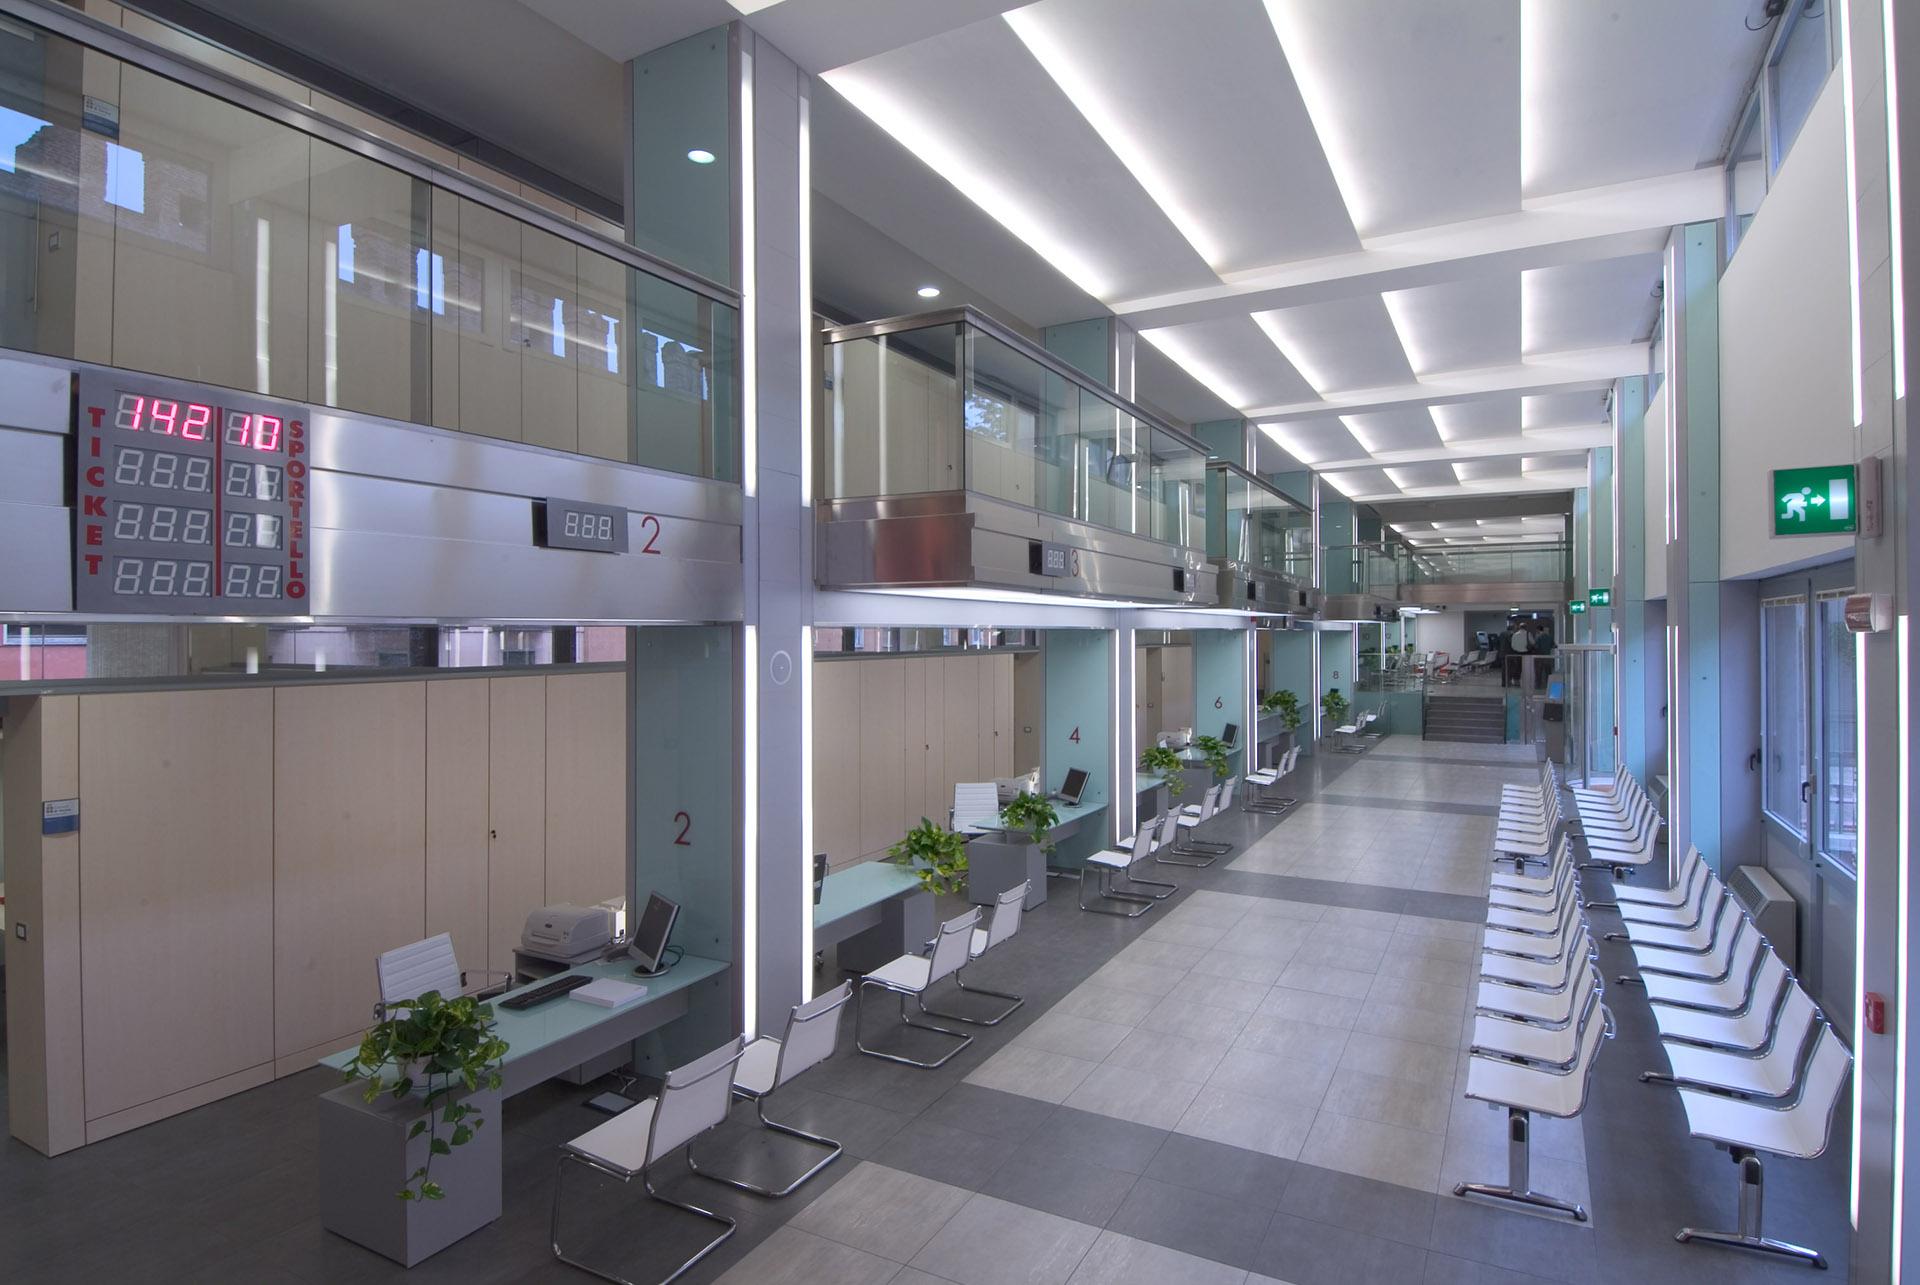 Ufficio Anagrafe Legno : Palazzo dell anagrafe verona smart contract agency